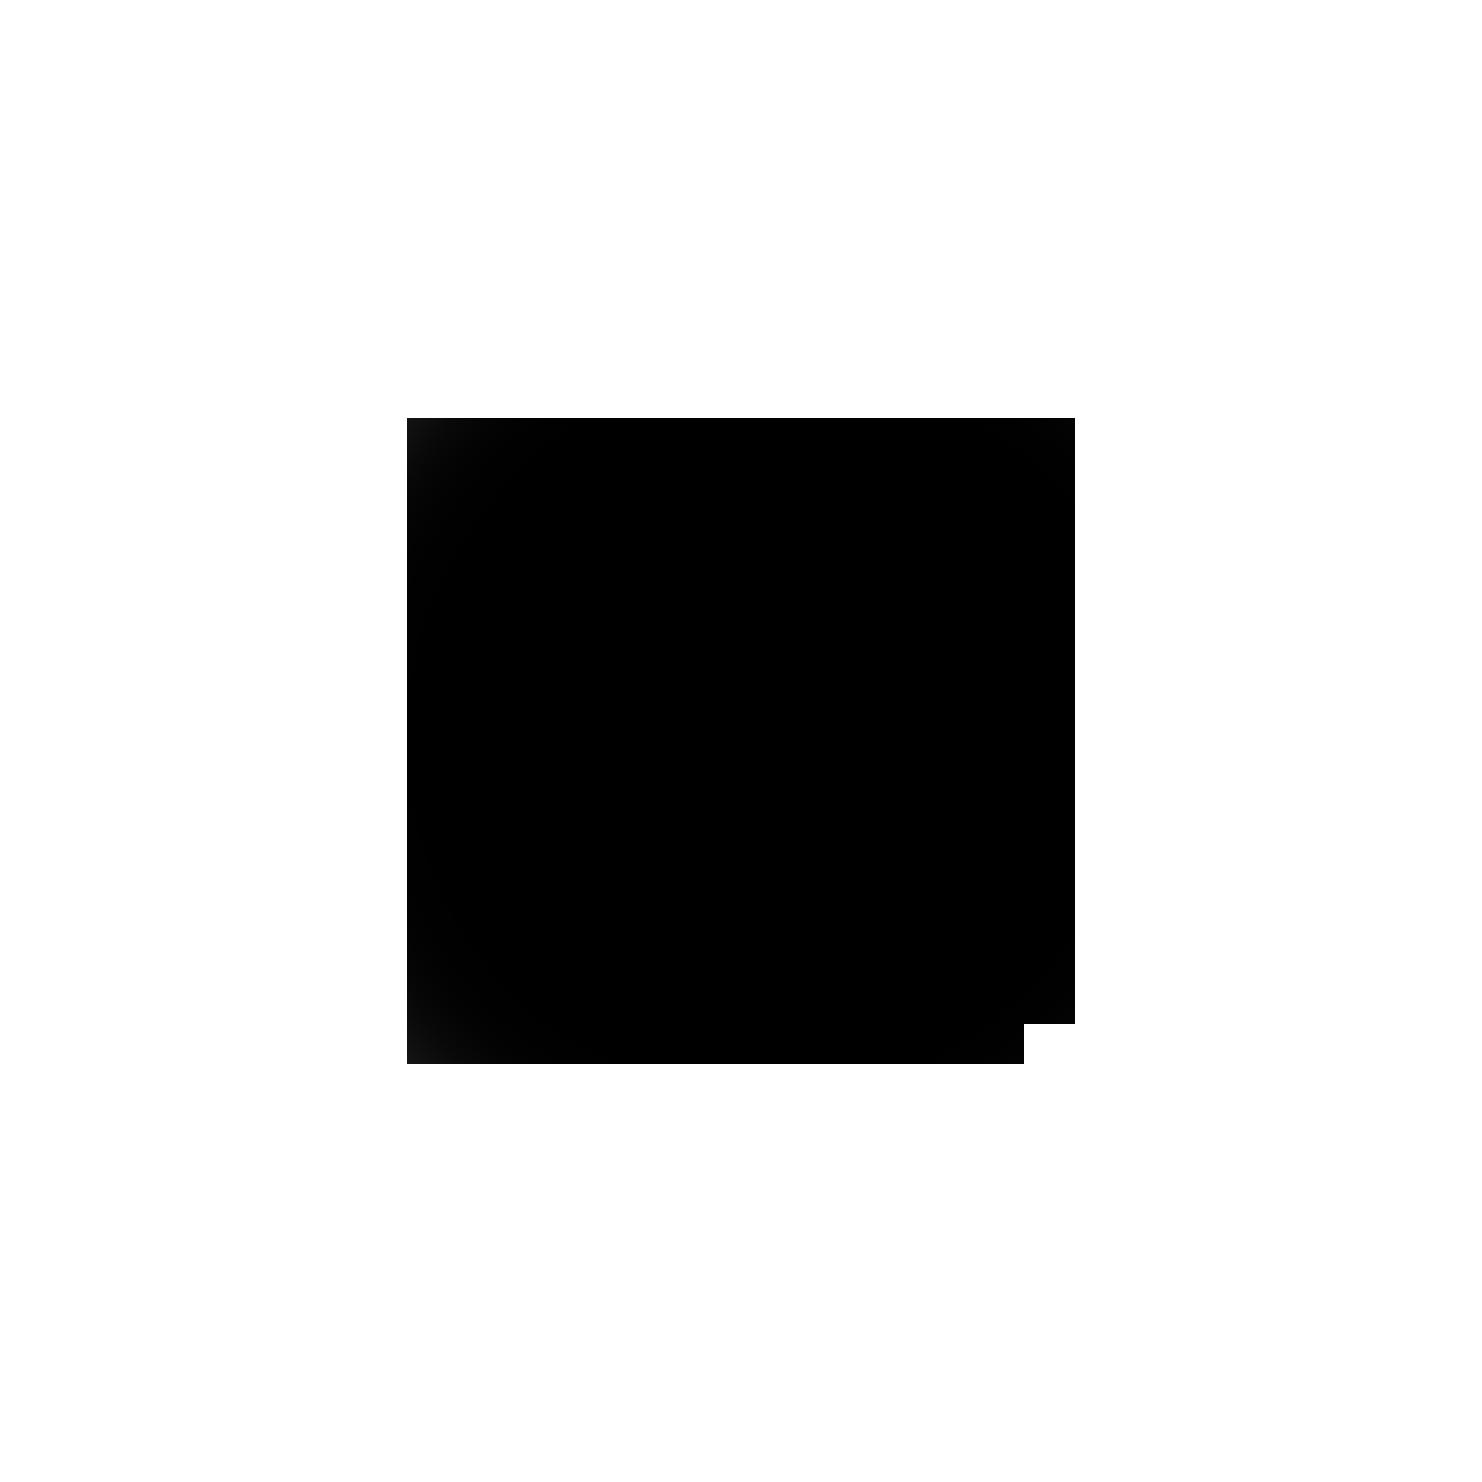 Main logo copy